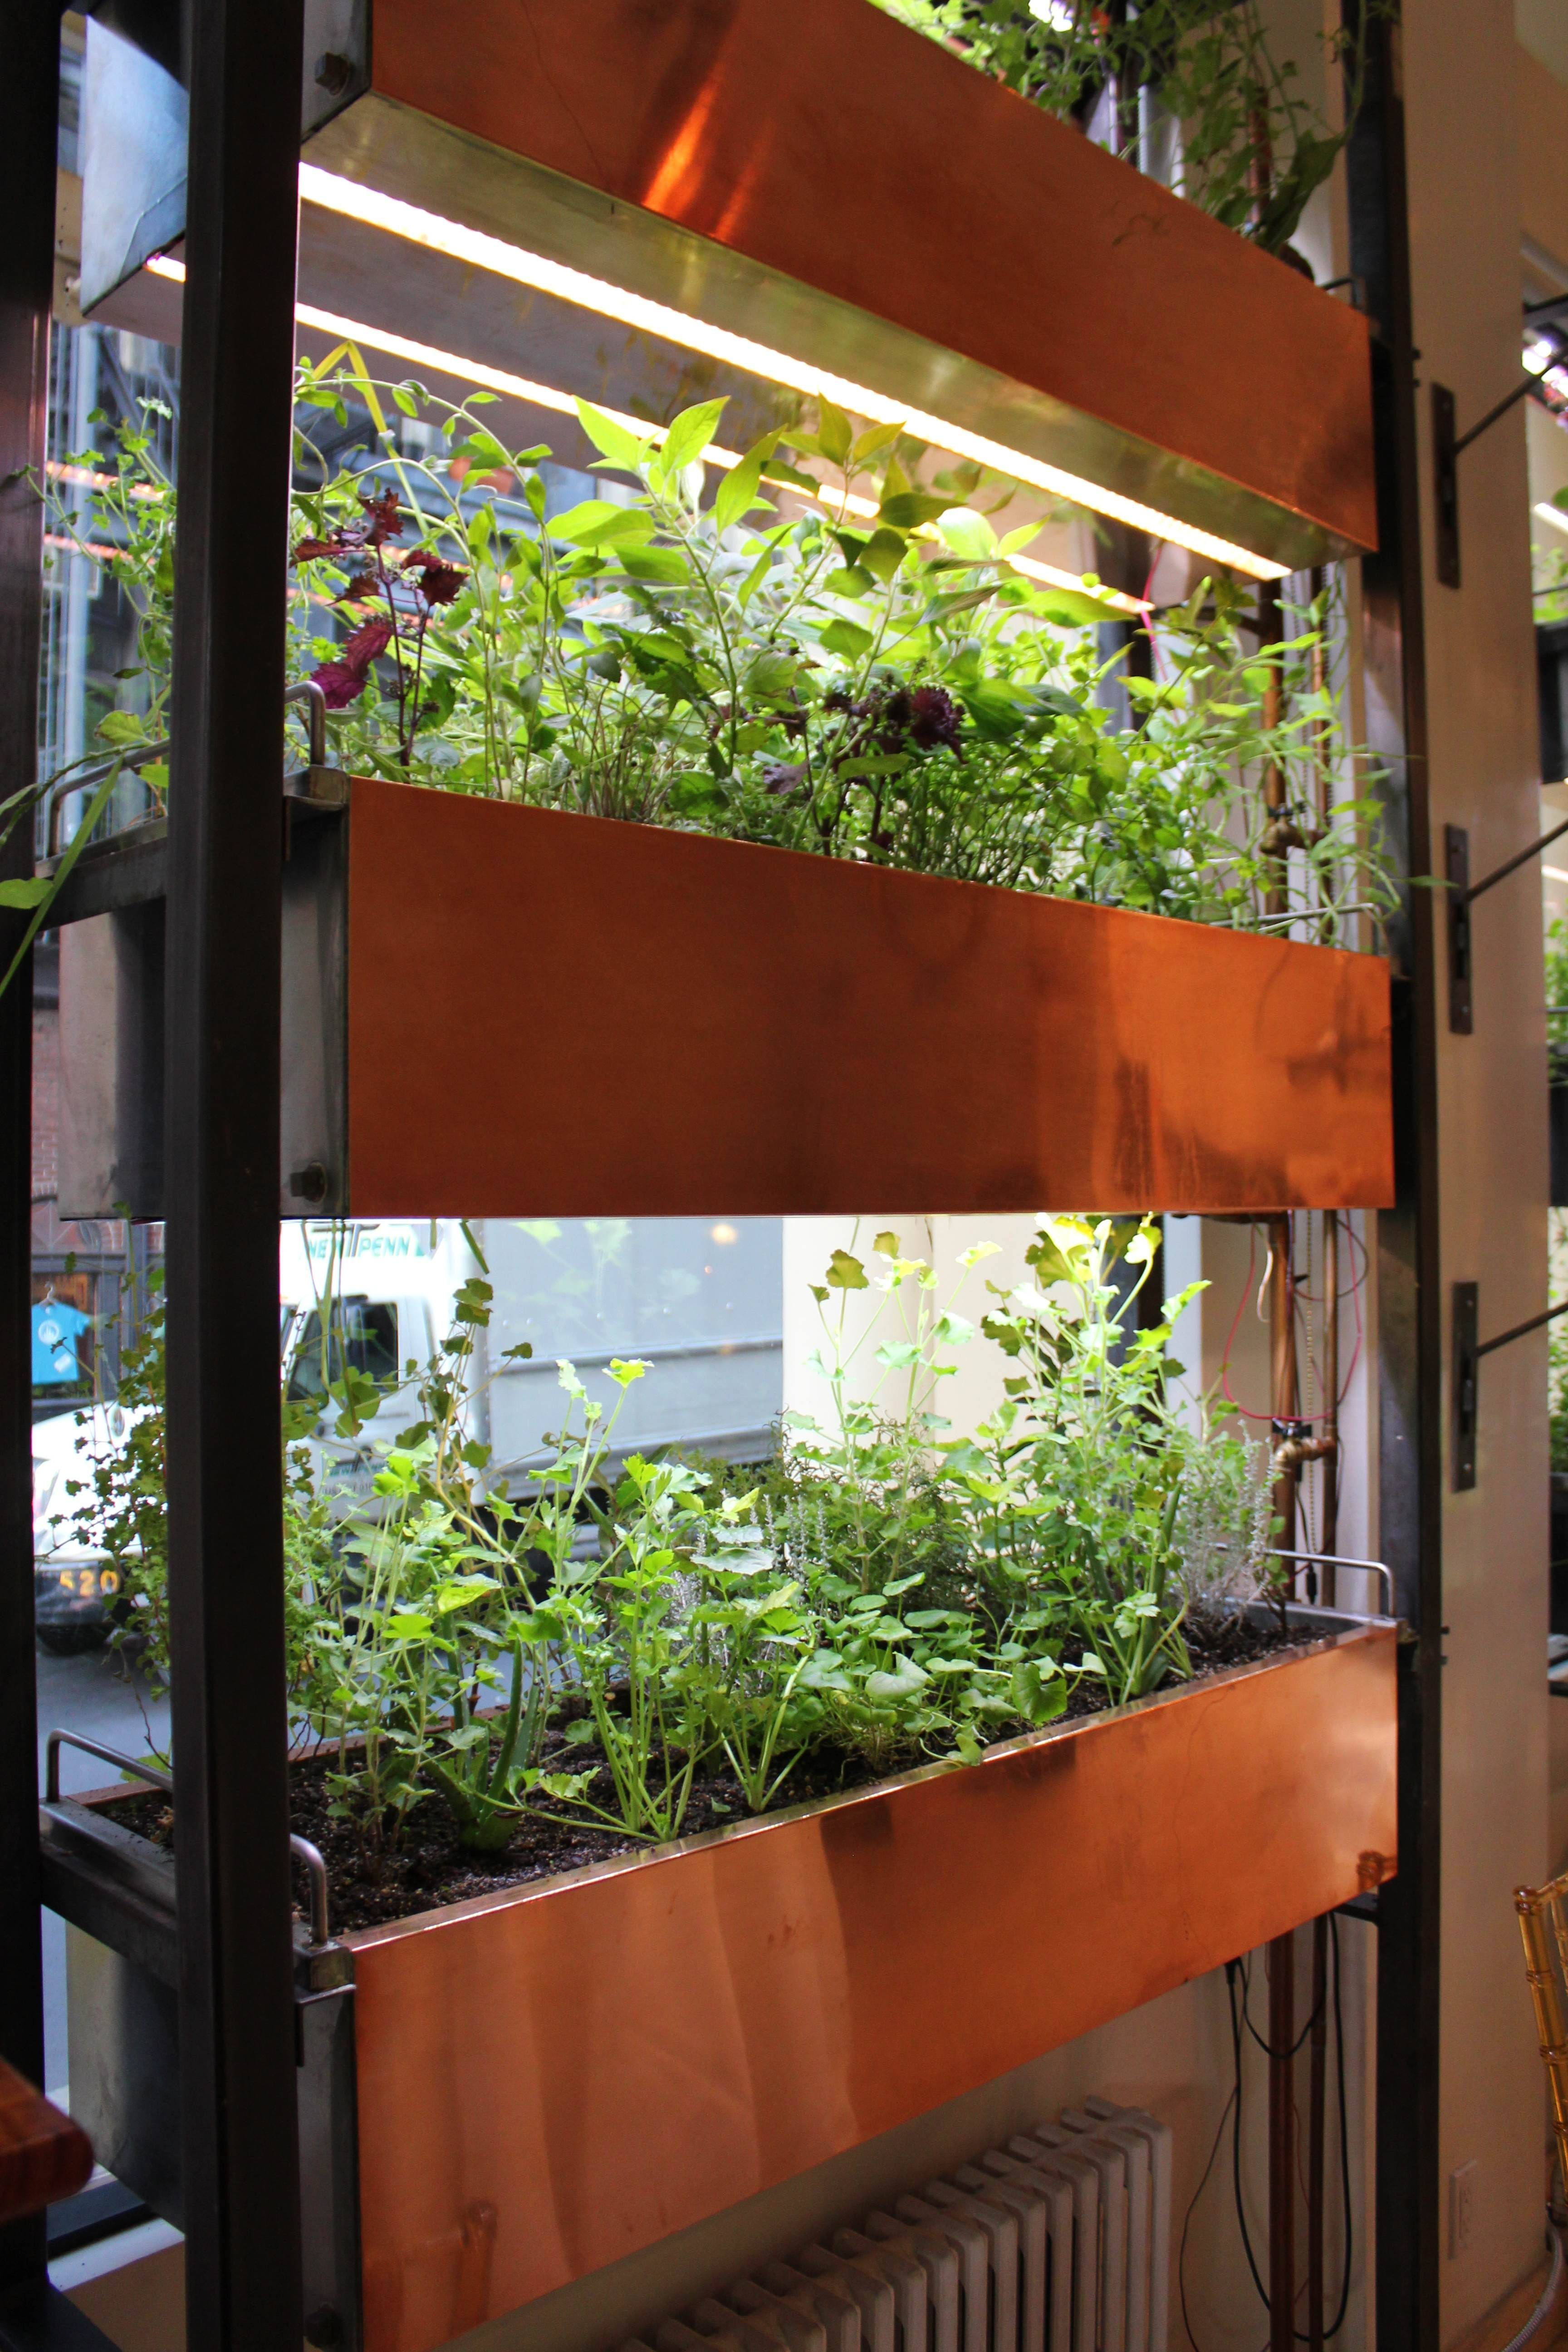 urbangarden BouleyBotanical hydroponicgardening